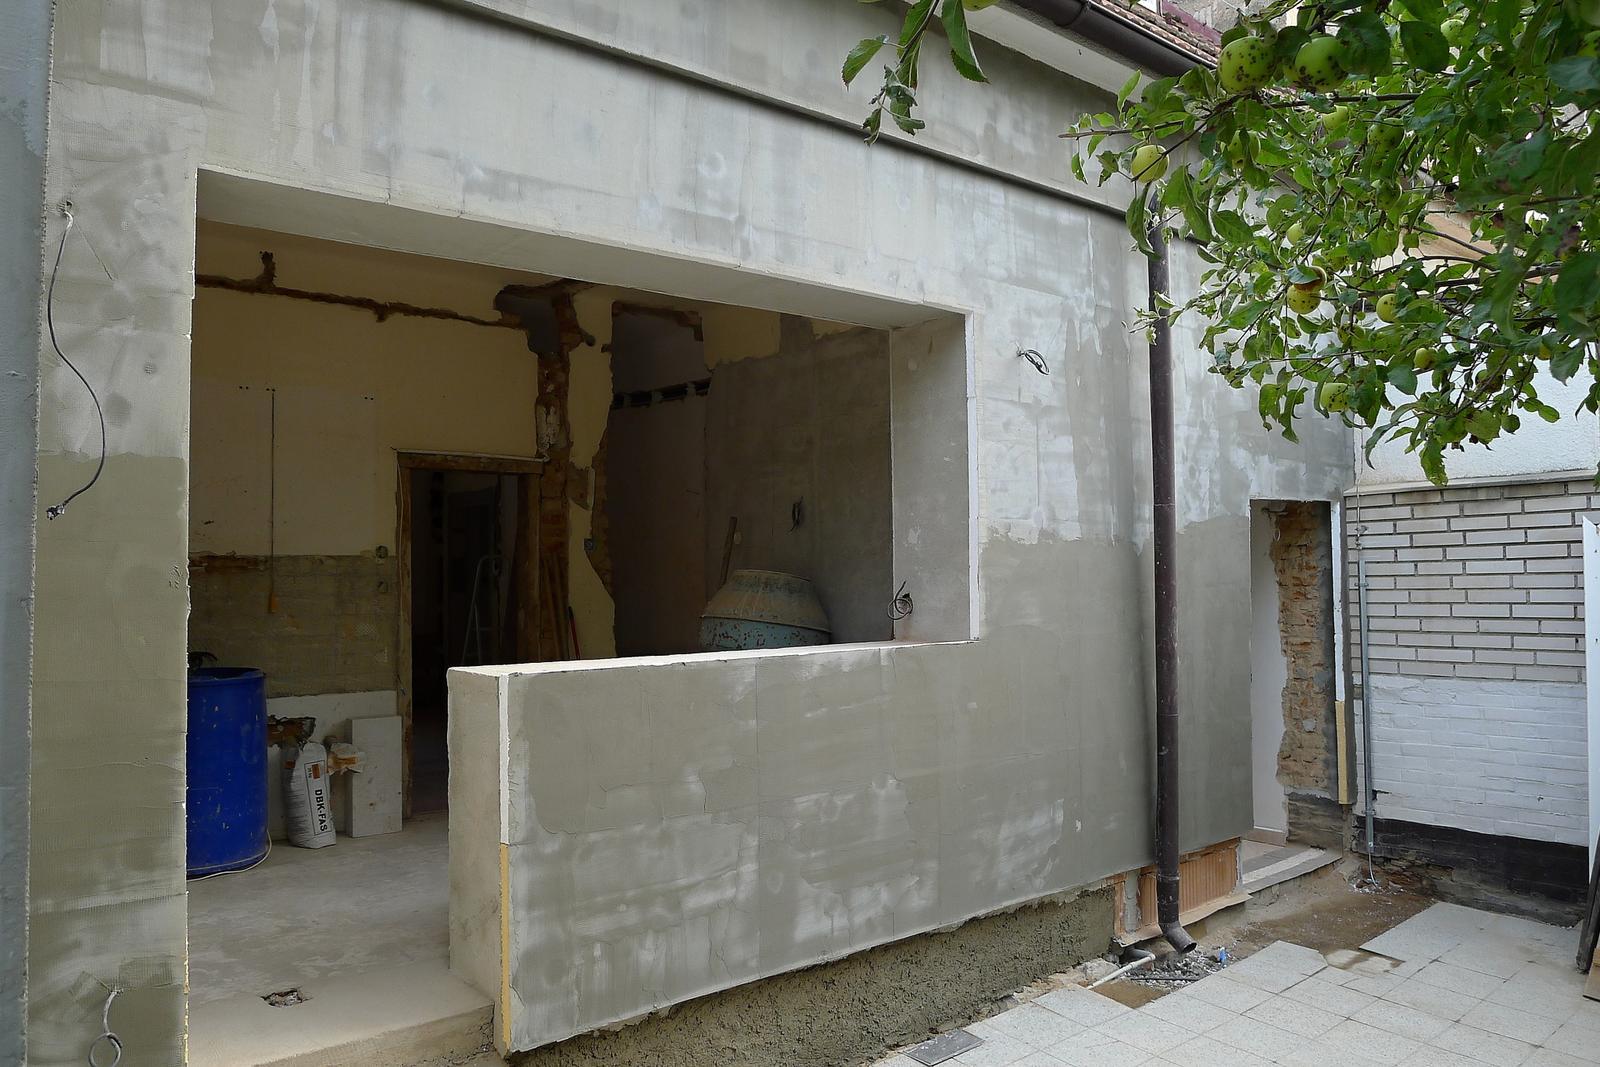 Rekonstrukce našeho domečku - Obrázek č. 98